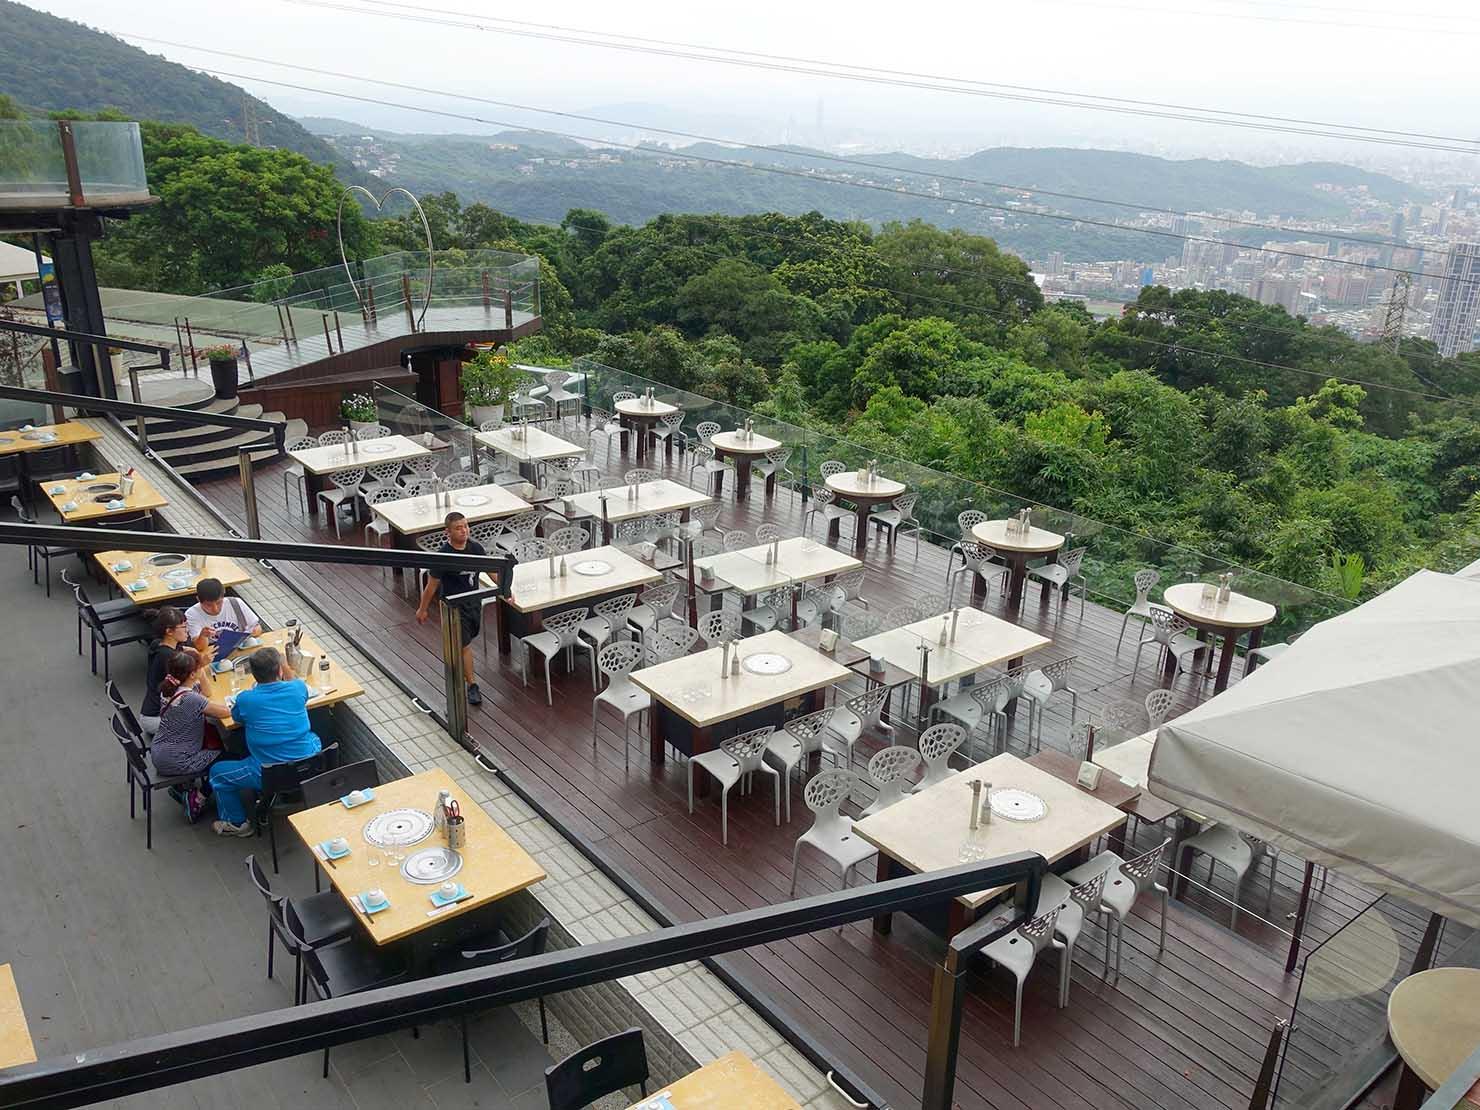 台北・陽明山のレストラン「草山夜未眠」から眺めるテーブル席